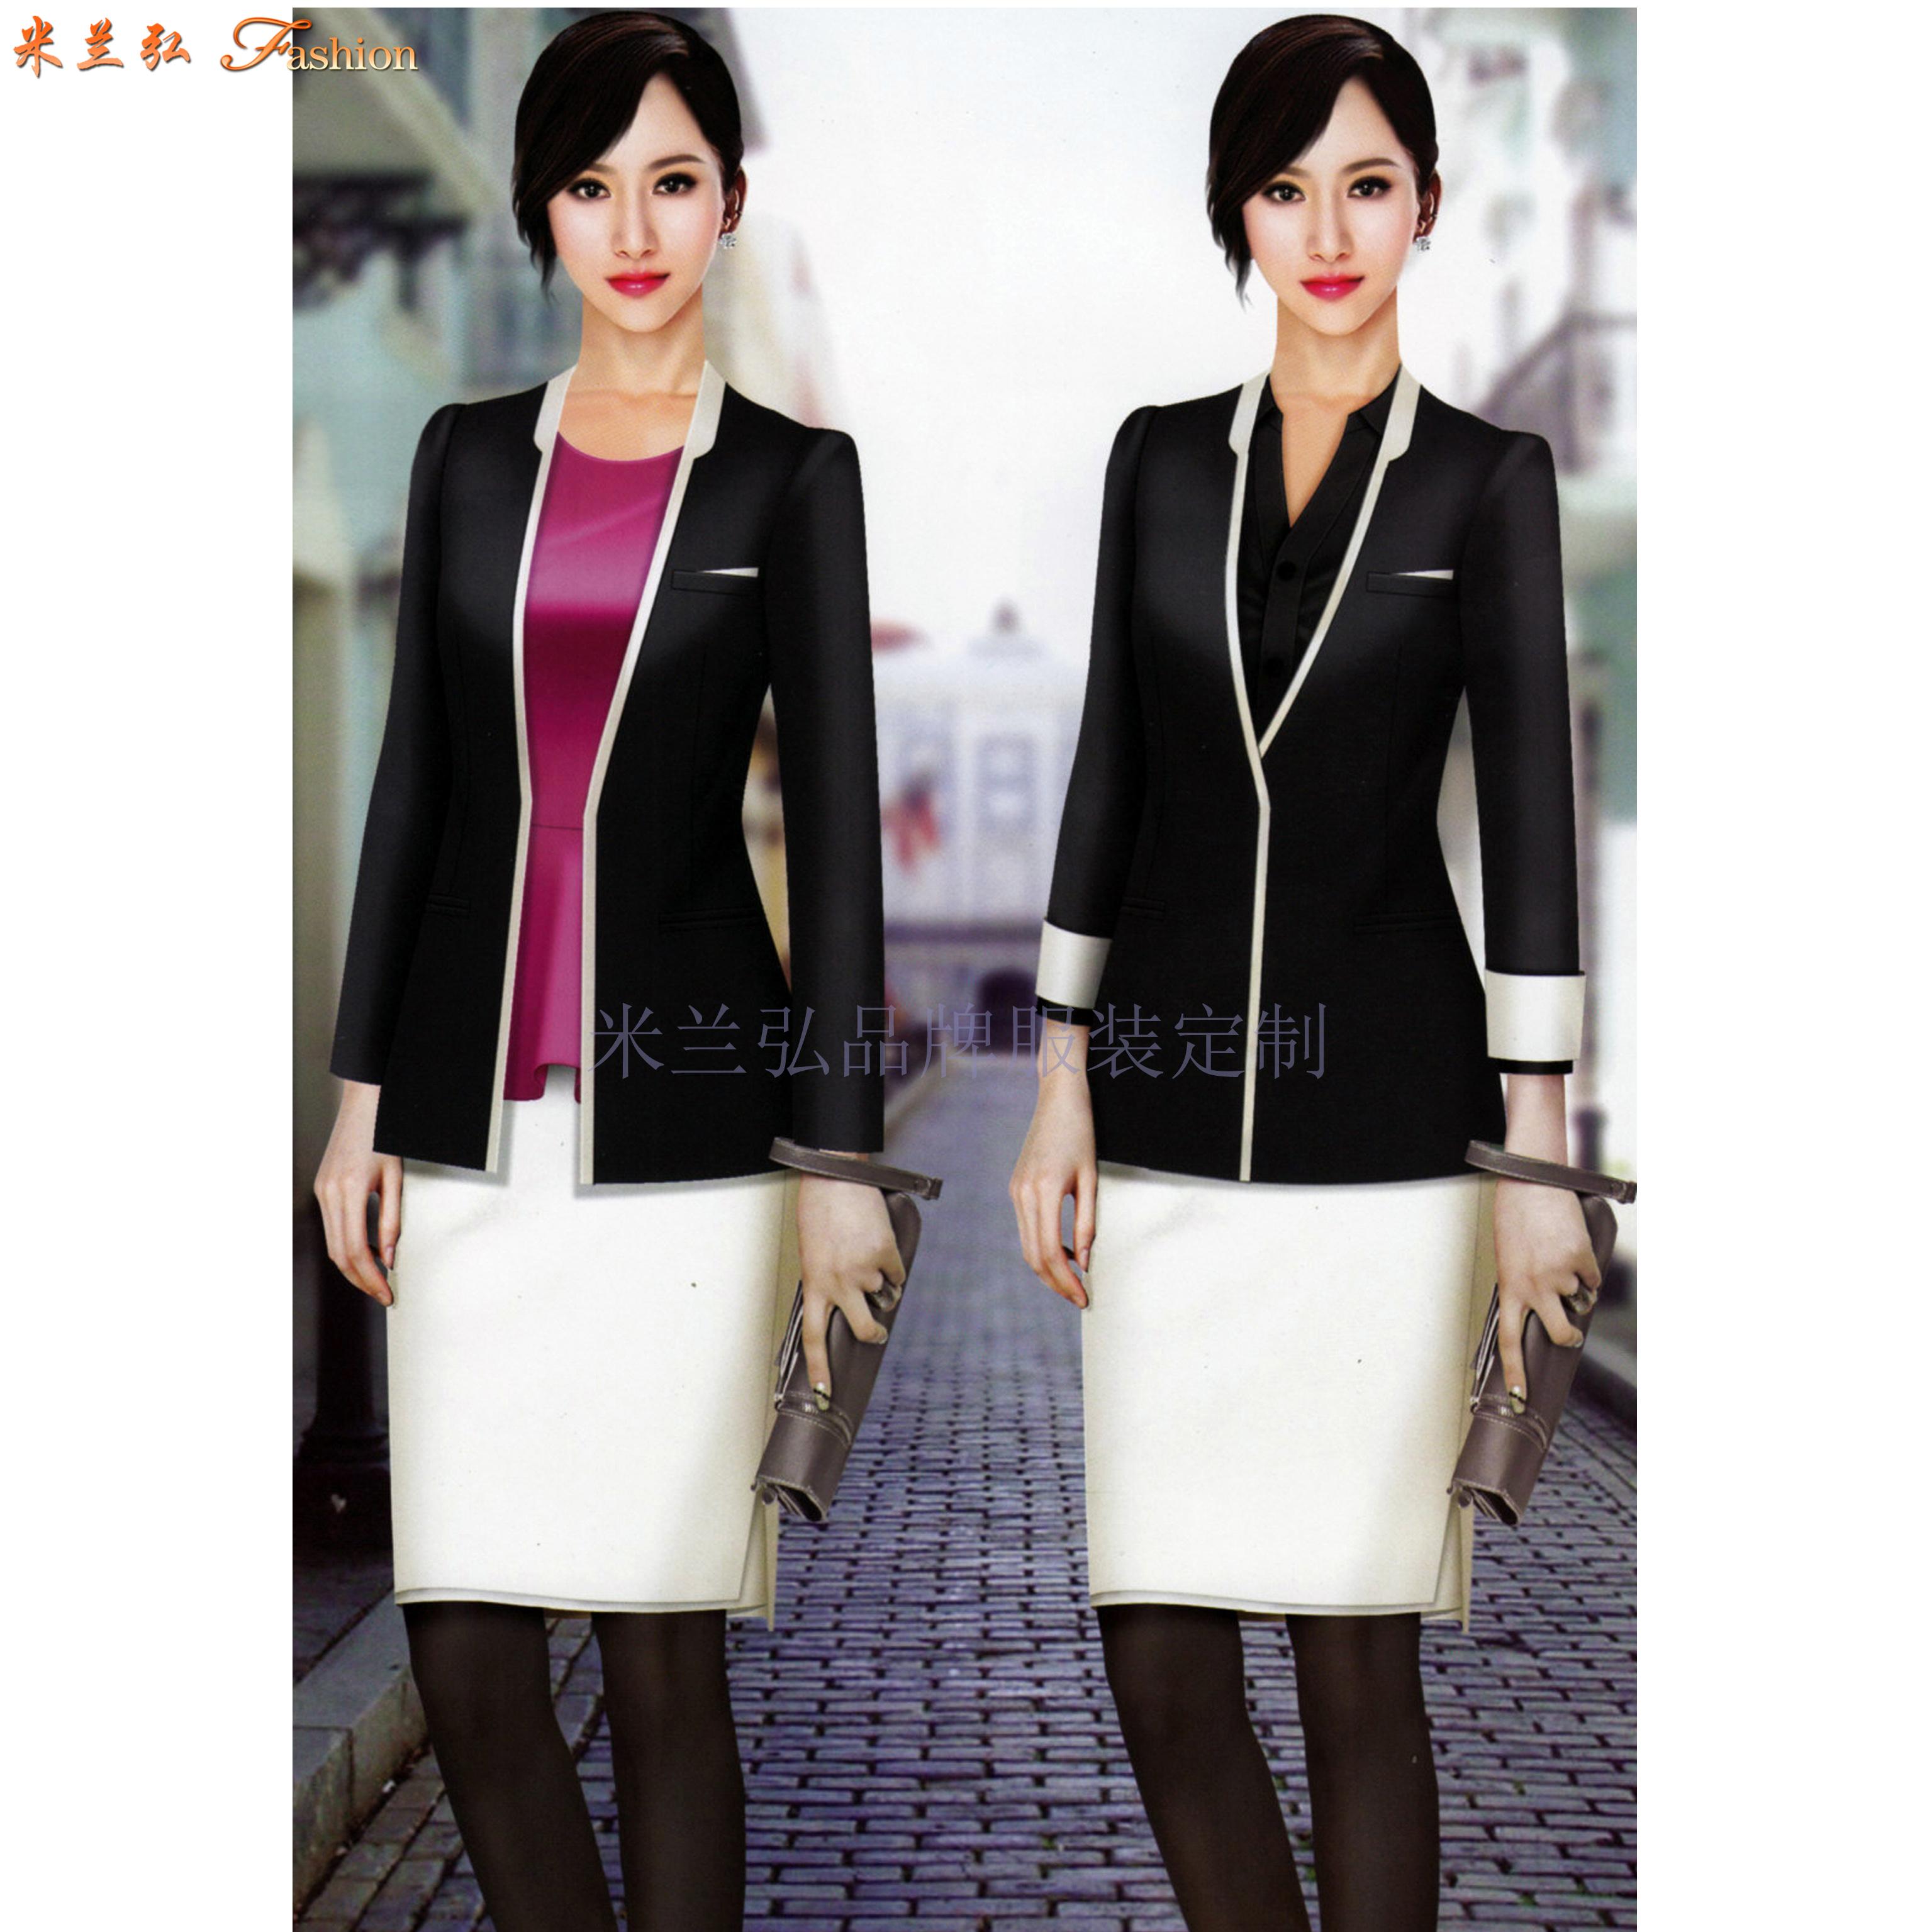 北京高端职业装定制品牌-米兰弘公司设计制作职业装新款女装图片-4